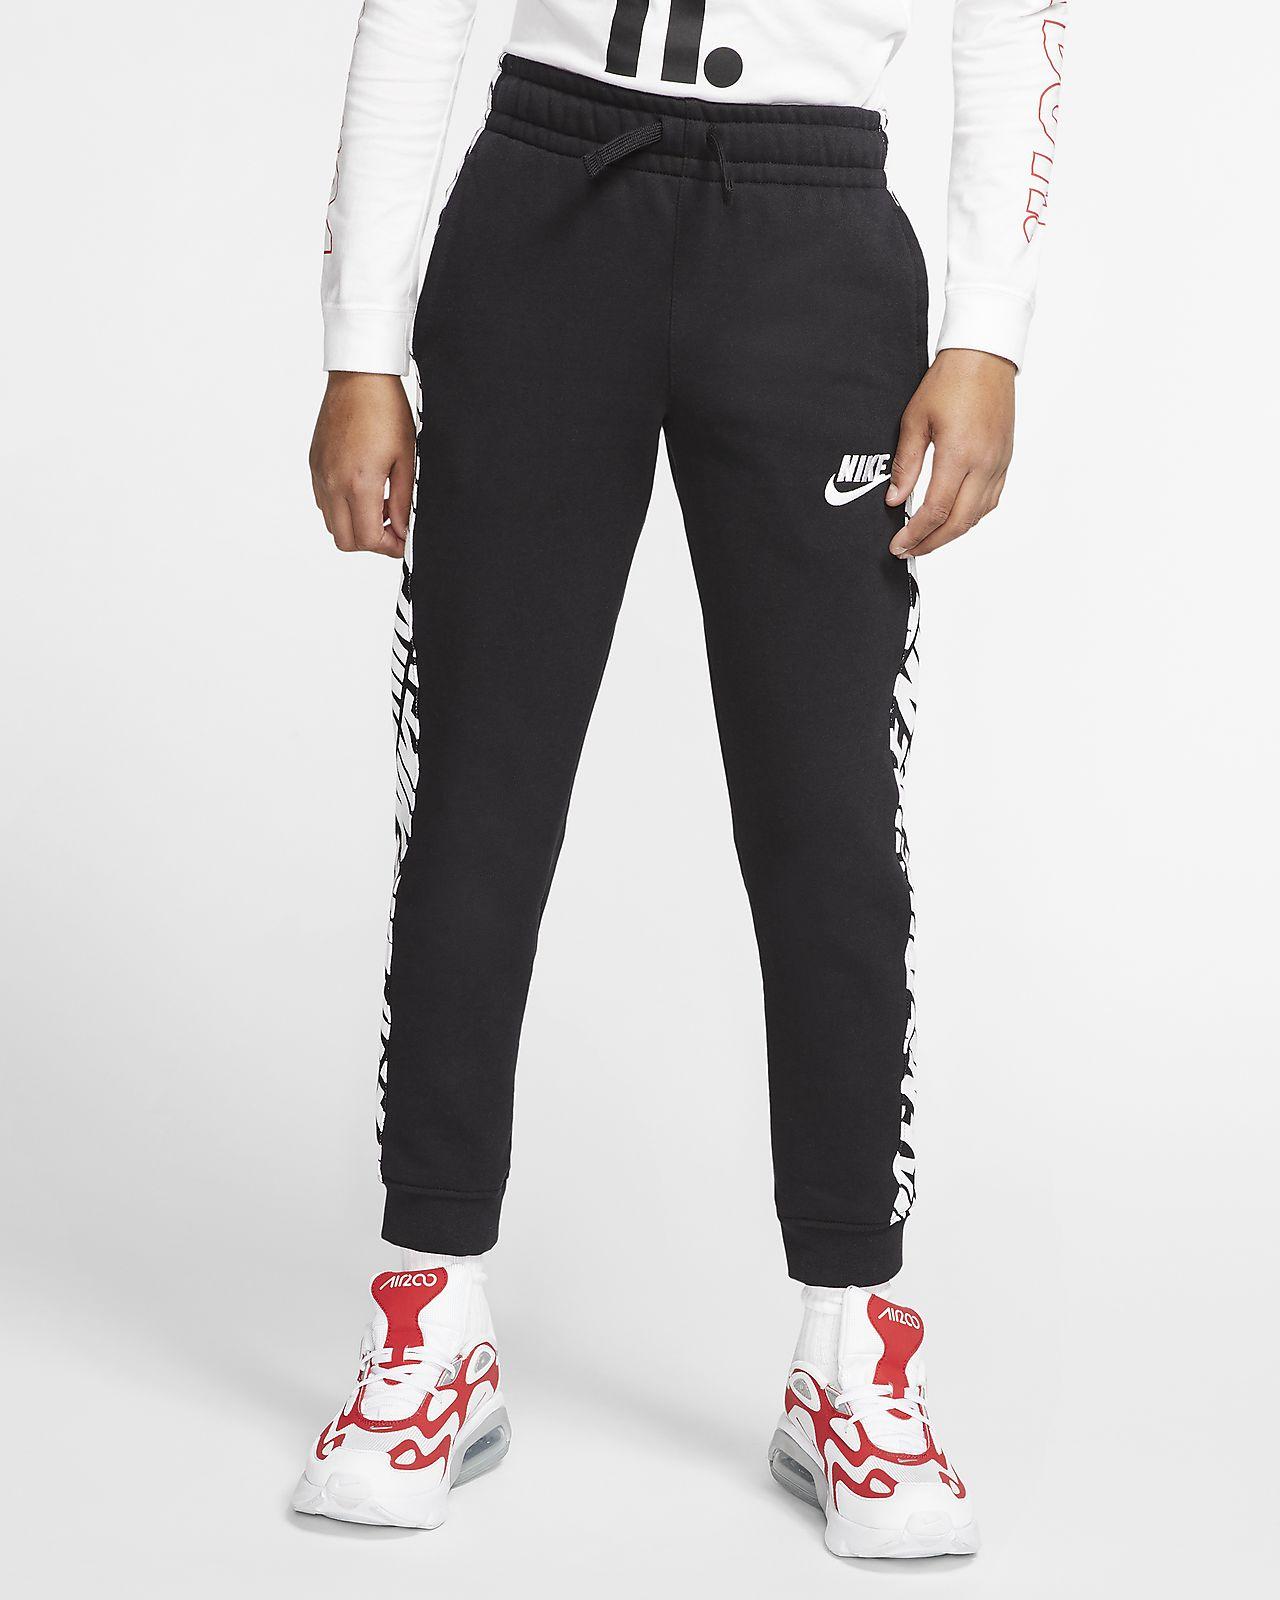 Nike Sportswear Older Kids' (Boys') French Terry Trousers